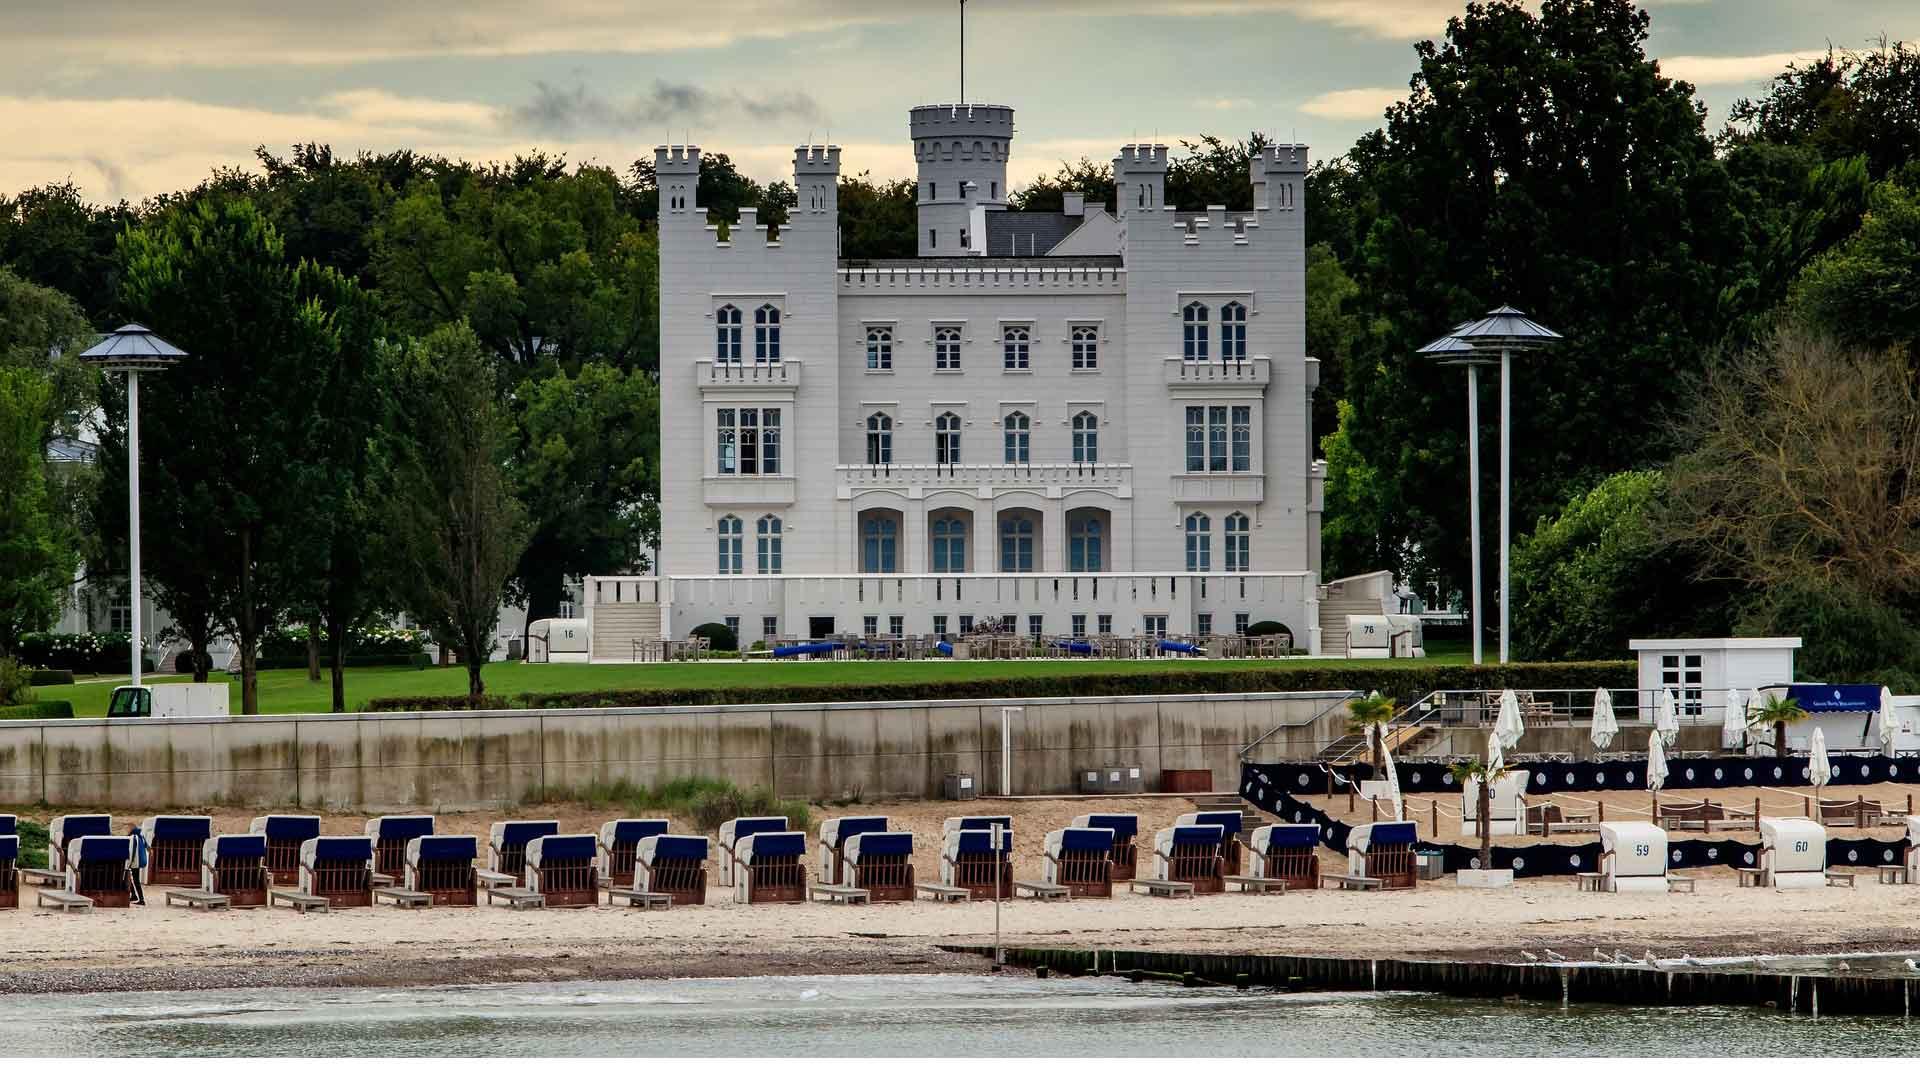 Fraaie badhuisarchitectuur onderweg zoals hier in Heiligendamm aan de Oostzee.